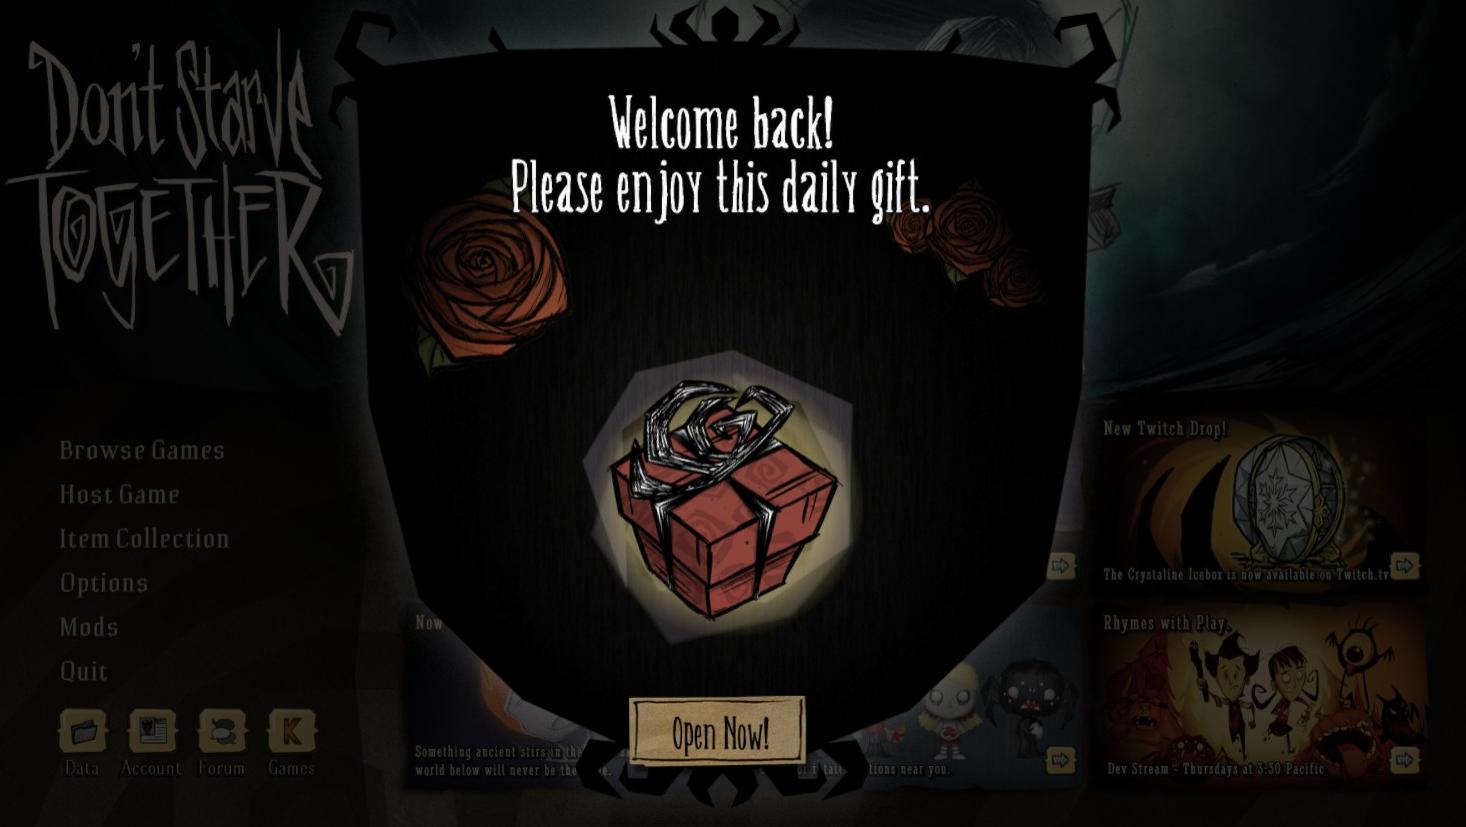 Dont'Starve Together gift